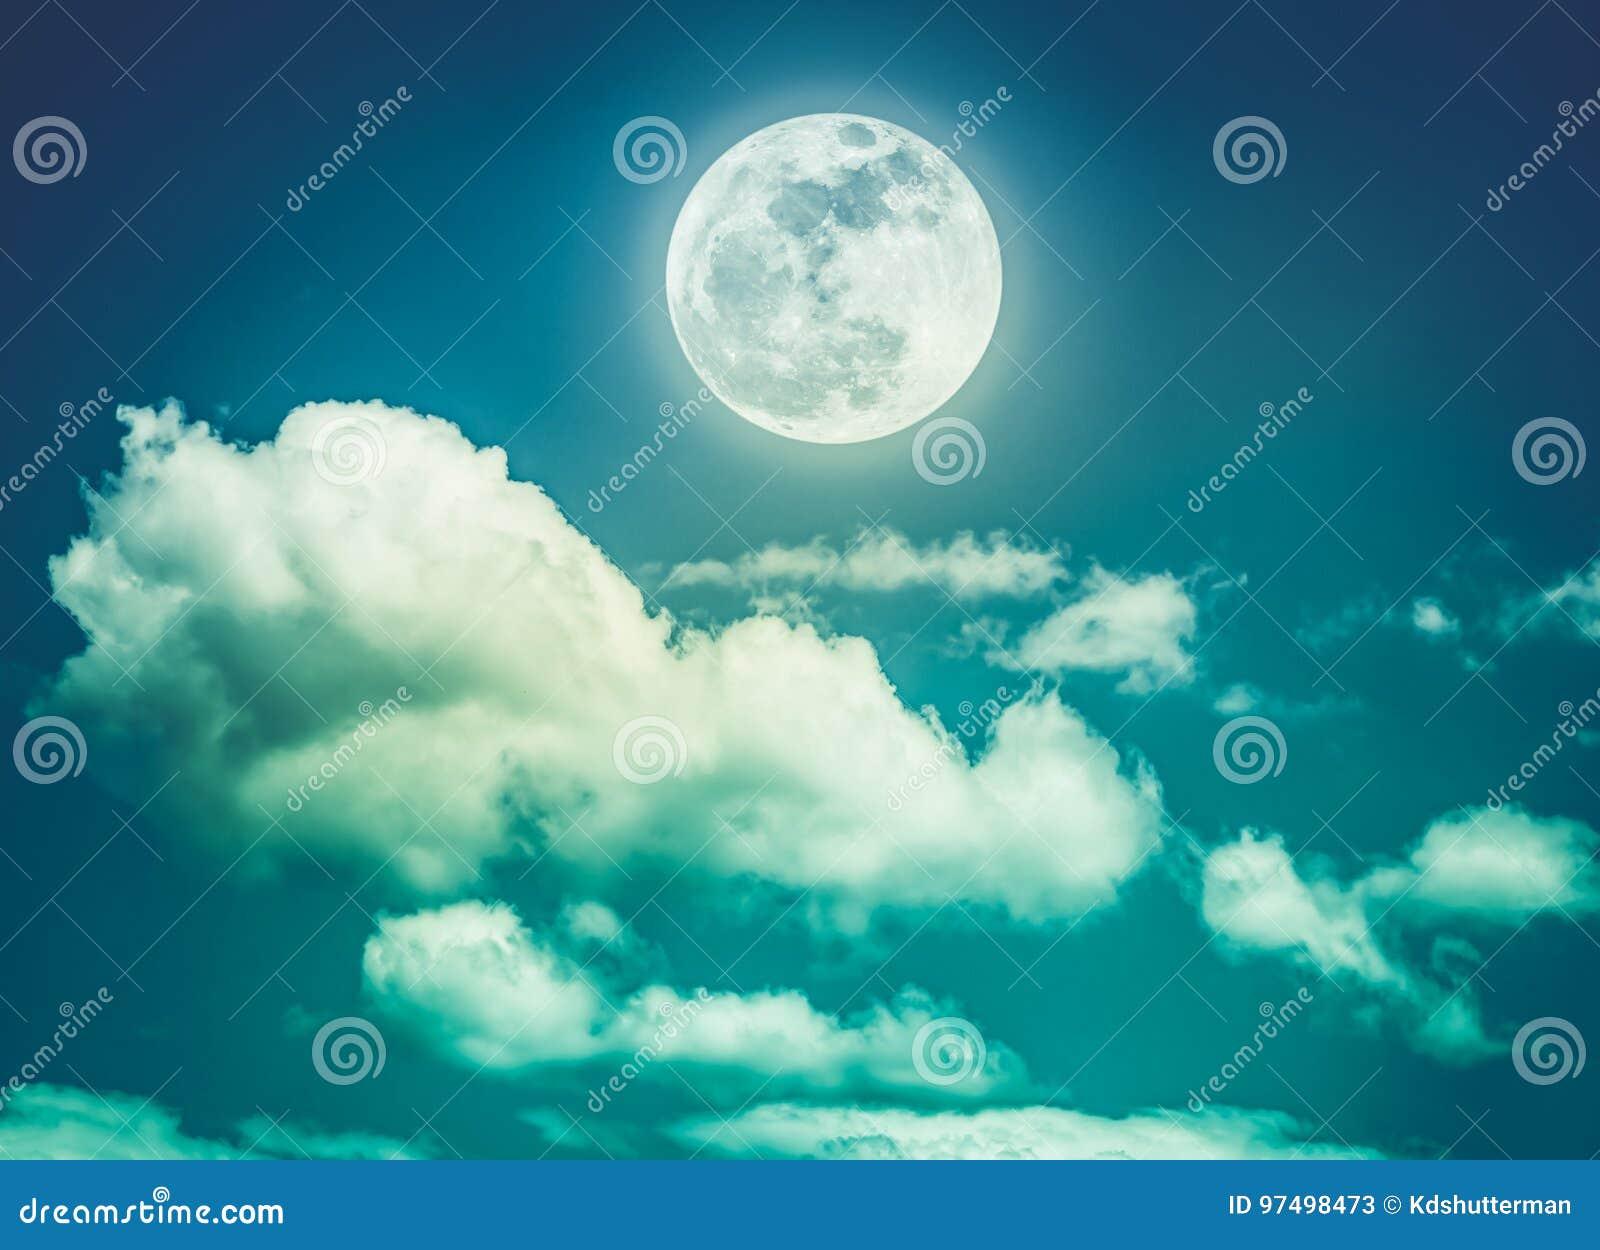 Cielo notturno con la luna piena luminosa, fondo della natura di serenità Ass.Comm.